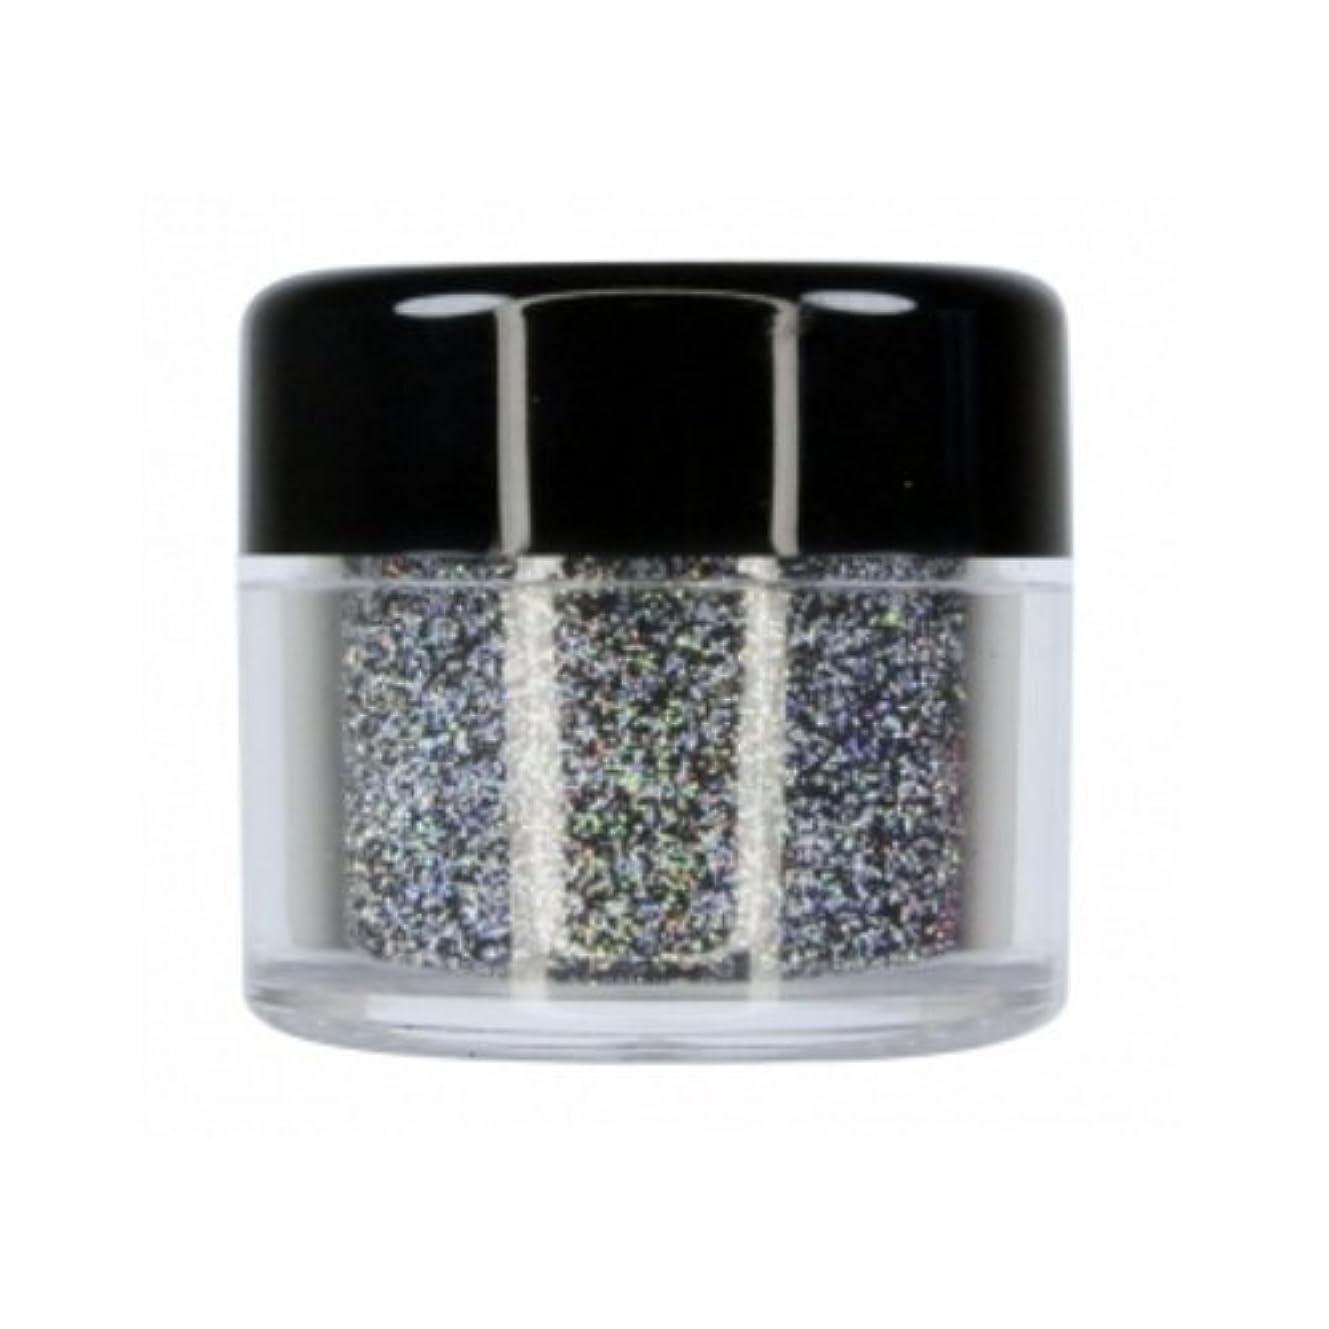 対話宣教師アレルギー性(3 Pack) CITY COLOR Sparkle & Shine Loose Glitter - Stroke of Midnight (並行輸入品)